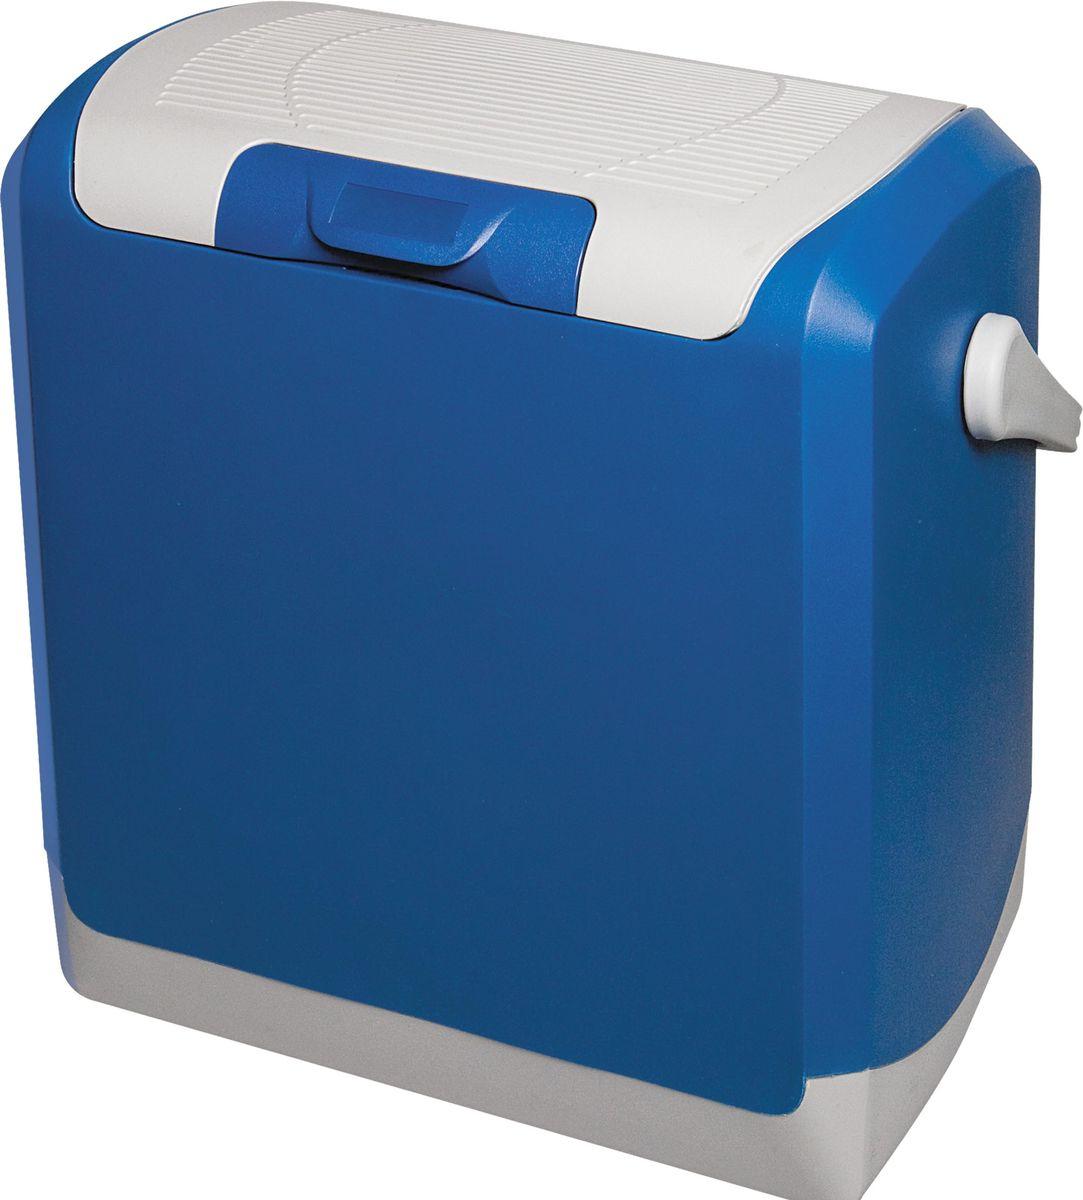 Холодильник-подогреватель термоэлектрический Zipower, 14л, 12В, 40Вт. PM 5047PM 5047Сумка-холодильник предназначена для сохранения продуктов и напитков прохладными в жаркую погоду. Максимальное охлаждение: 18–25 °C ниже температуры окружающей среды.Работа от бортовой сети автомобиля 12 вольт.Модель оснащена интеллектуальной системой энергосбережения. Система управления питанием выберет нужный режим охлаждения и переведет автохолодильник в режим пониженного энергопотребления. Внутренняя камера изготовлена из экологически чистого пластика, допускается к контакту с пищевыми продуктами и соответствует экологическим стандартам и нормативам. Конструкция крышки и форм-фактор внутренней части корпуса позволяют разместить в вертикальном положении внутри камеры бутылки объемом до 2 литров.Напряжение: 12 ВМаксимальный нагрев: до 65 °CМощность охлаждения/нагрева: 40 ВтОбъем: 14 лРазмеры: 383 х 254 х 425 ммВес: 3,5 кгВерхнее расположение вентилятораПодключается к бытовой сети через адаптер РМ0515 (поставляетсяотдельно)